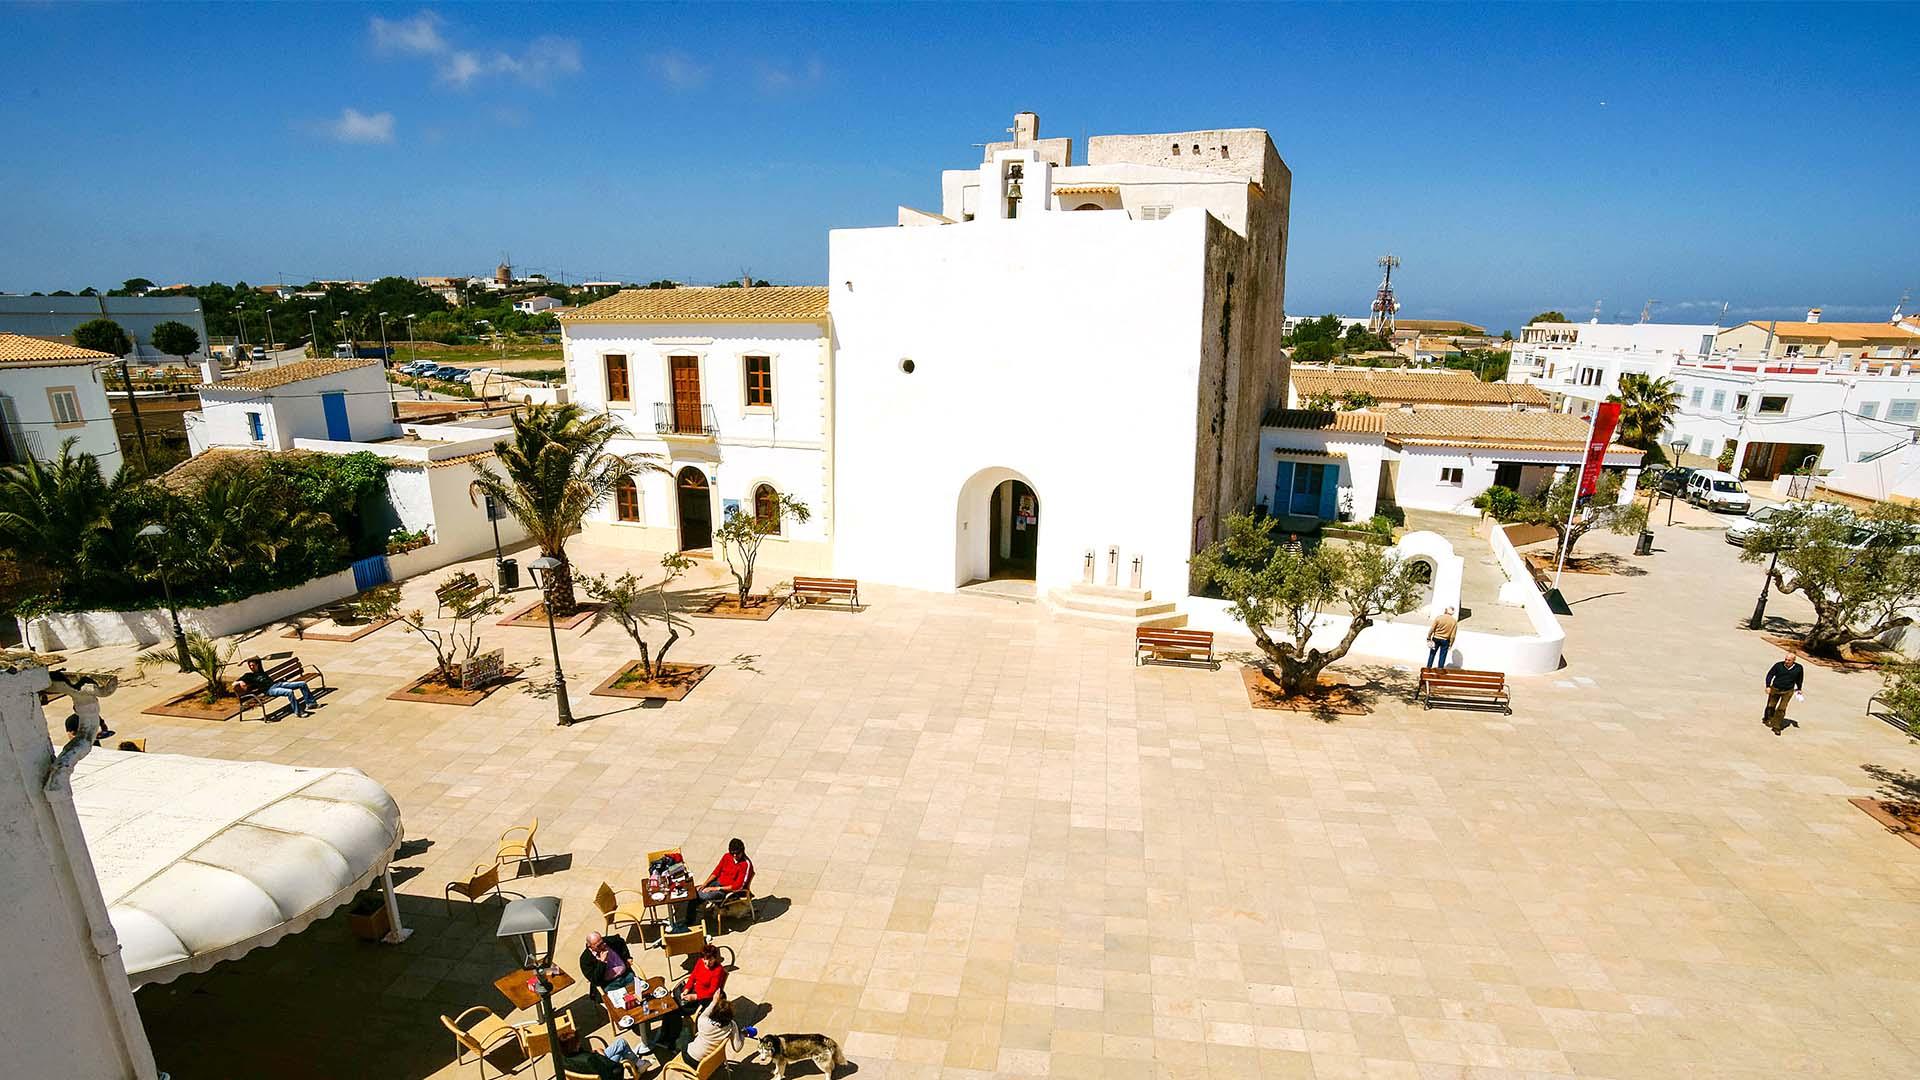 Núcleo Urbano de San Francisco Javier en Formentera